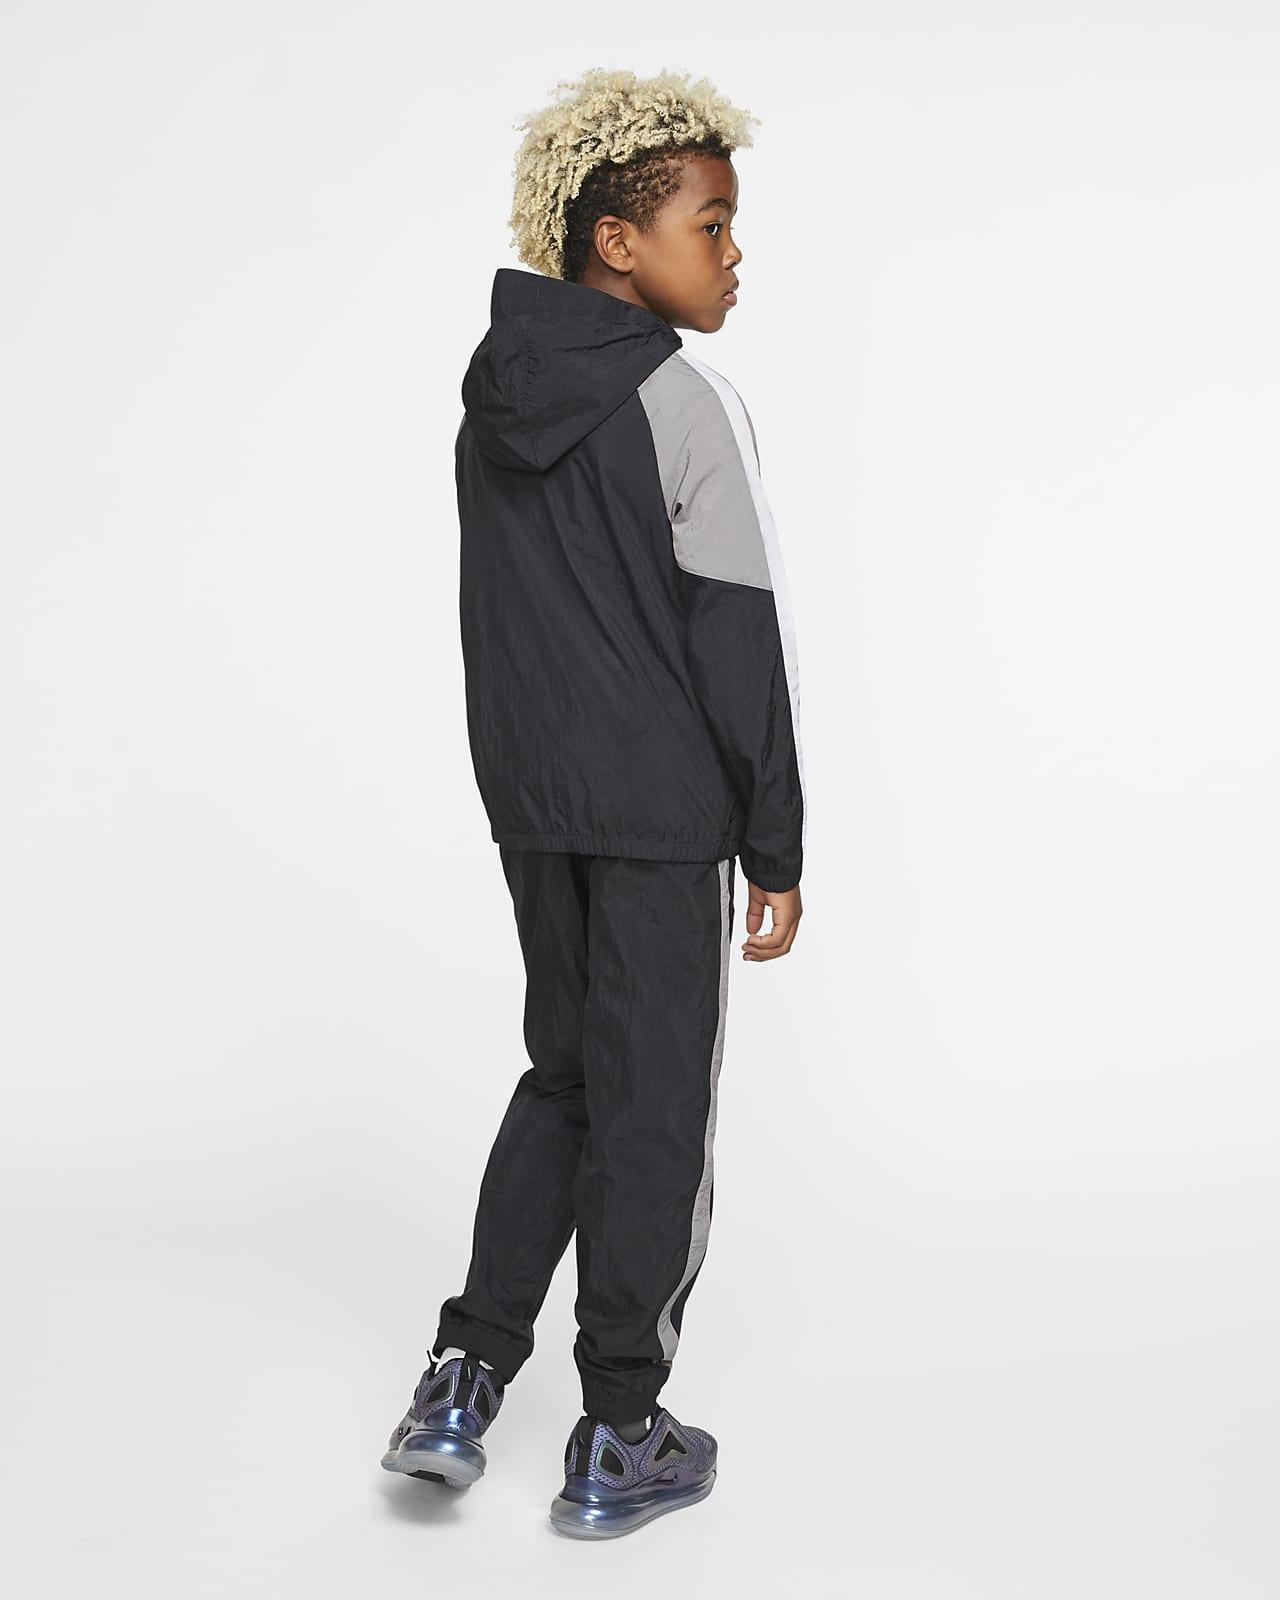 Nike Sportswear Older Kids Woven Tracksuit Nike Id